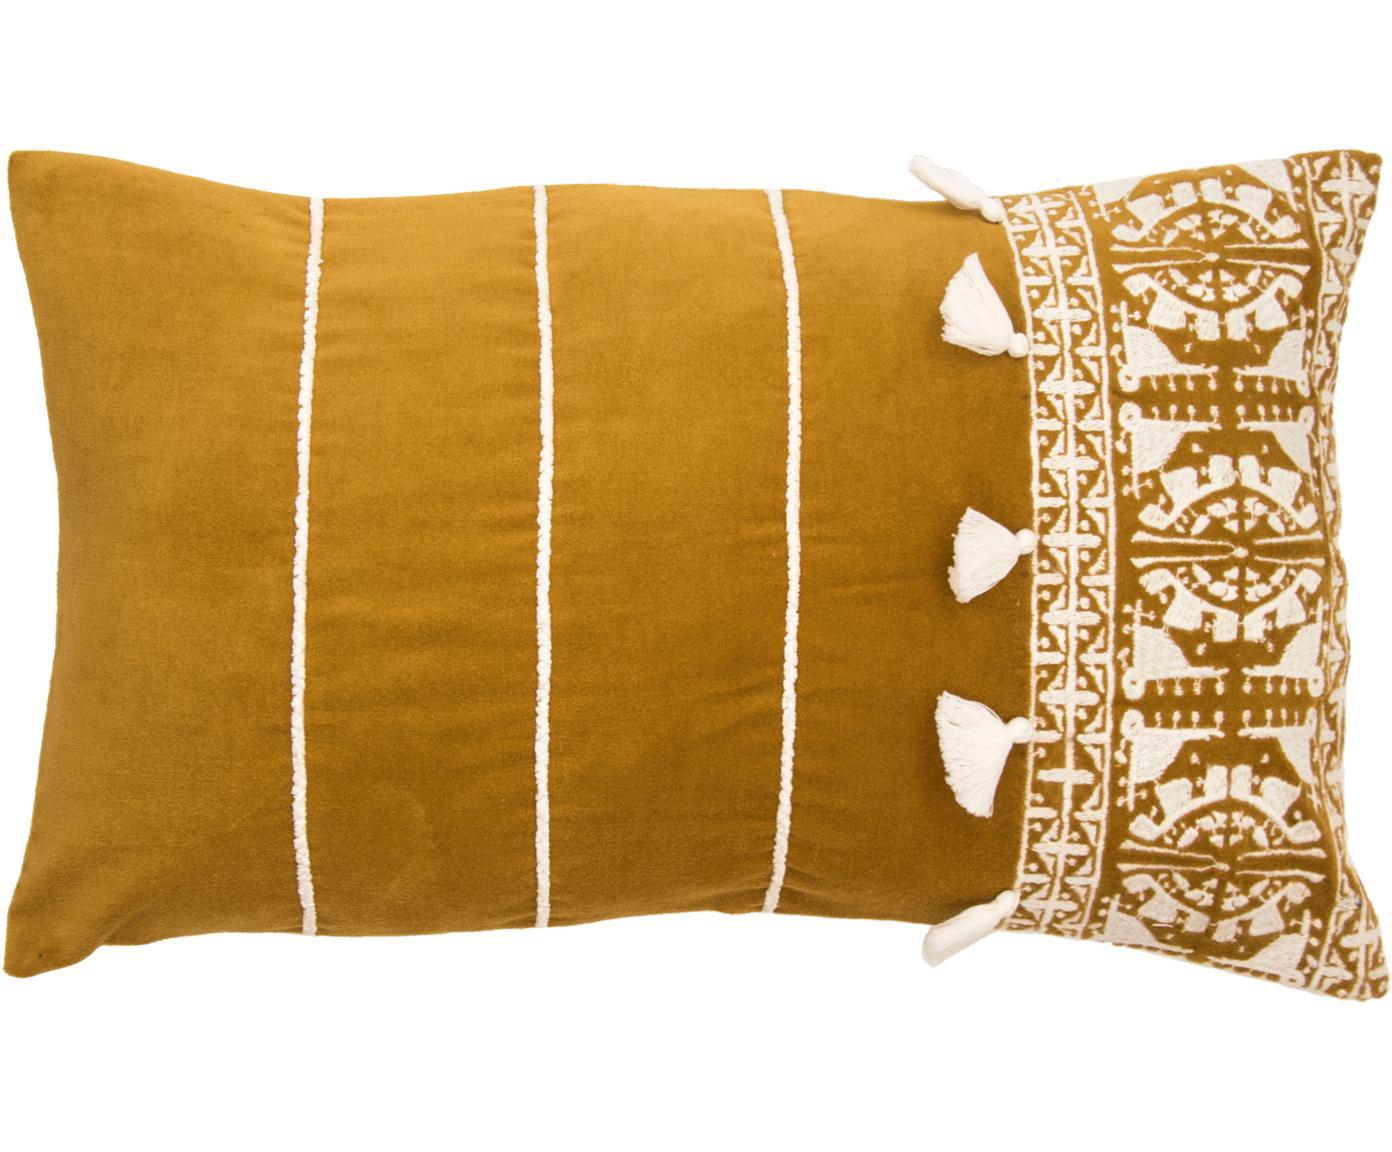 Kussenhoes Neo Berbère met borduurwerk en kwastjes, 50% katoen 50% polyester, Geel, wit, 30 x 50 cm